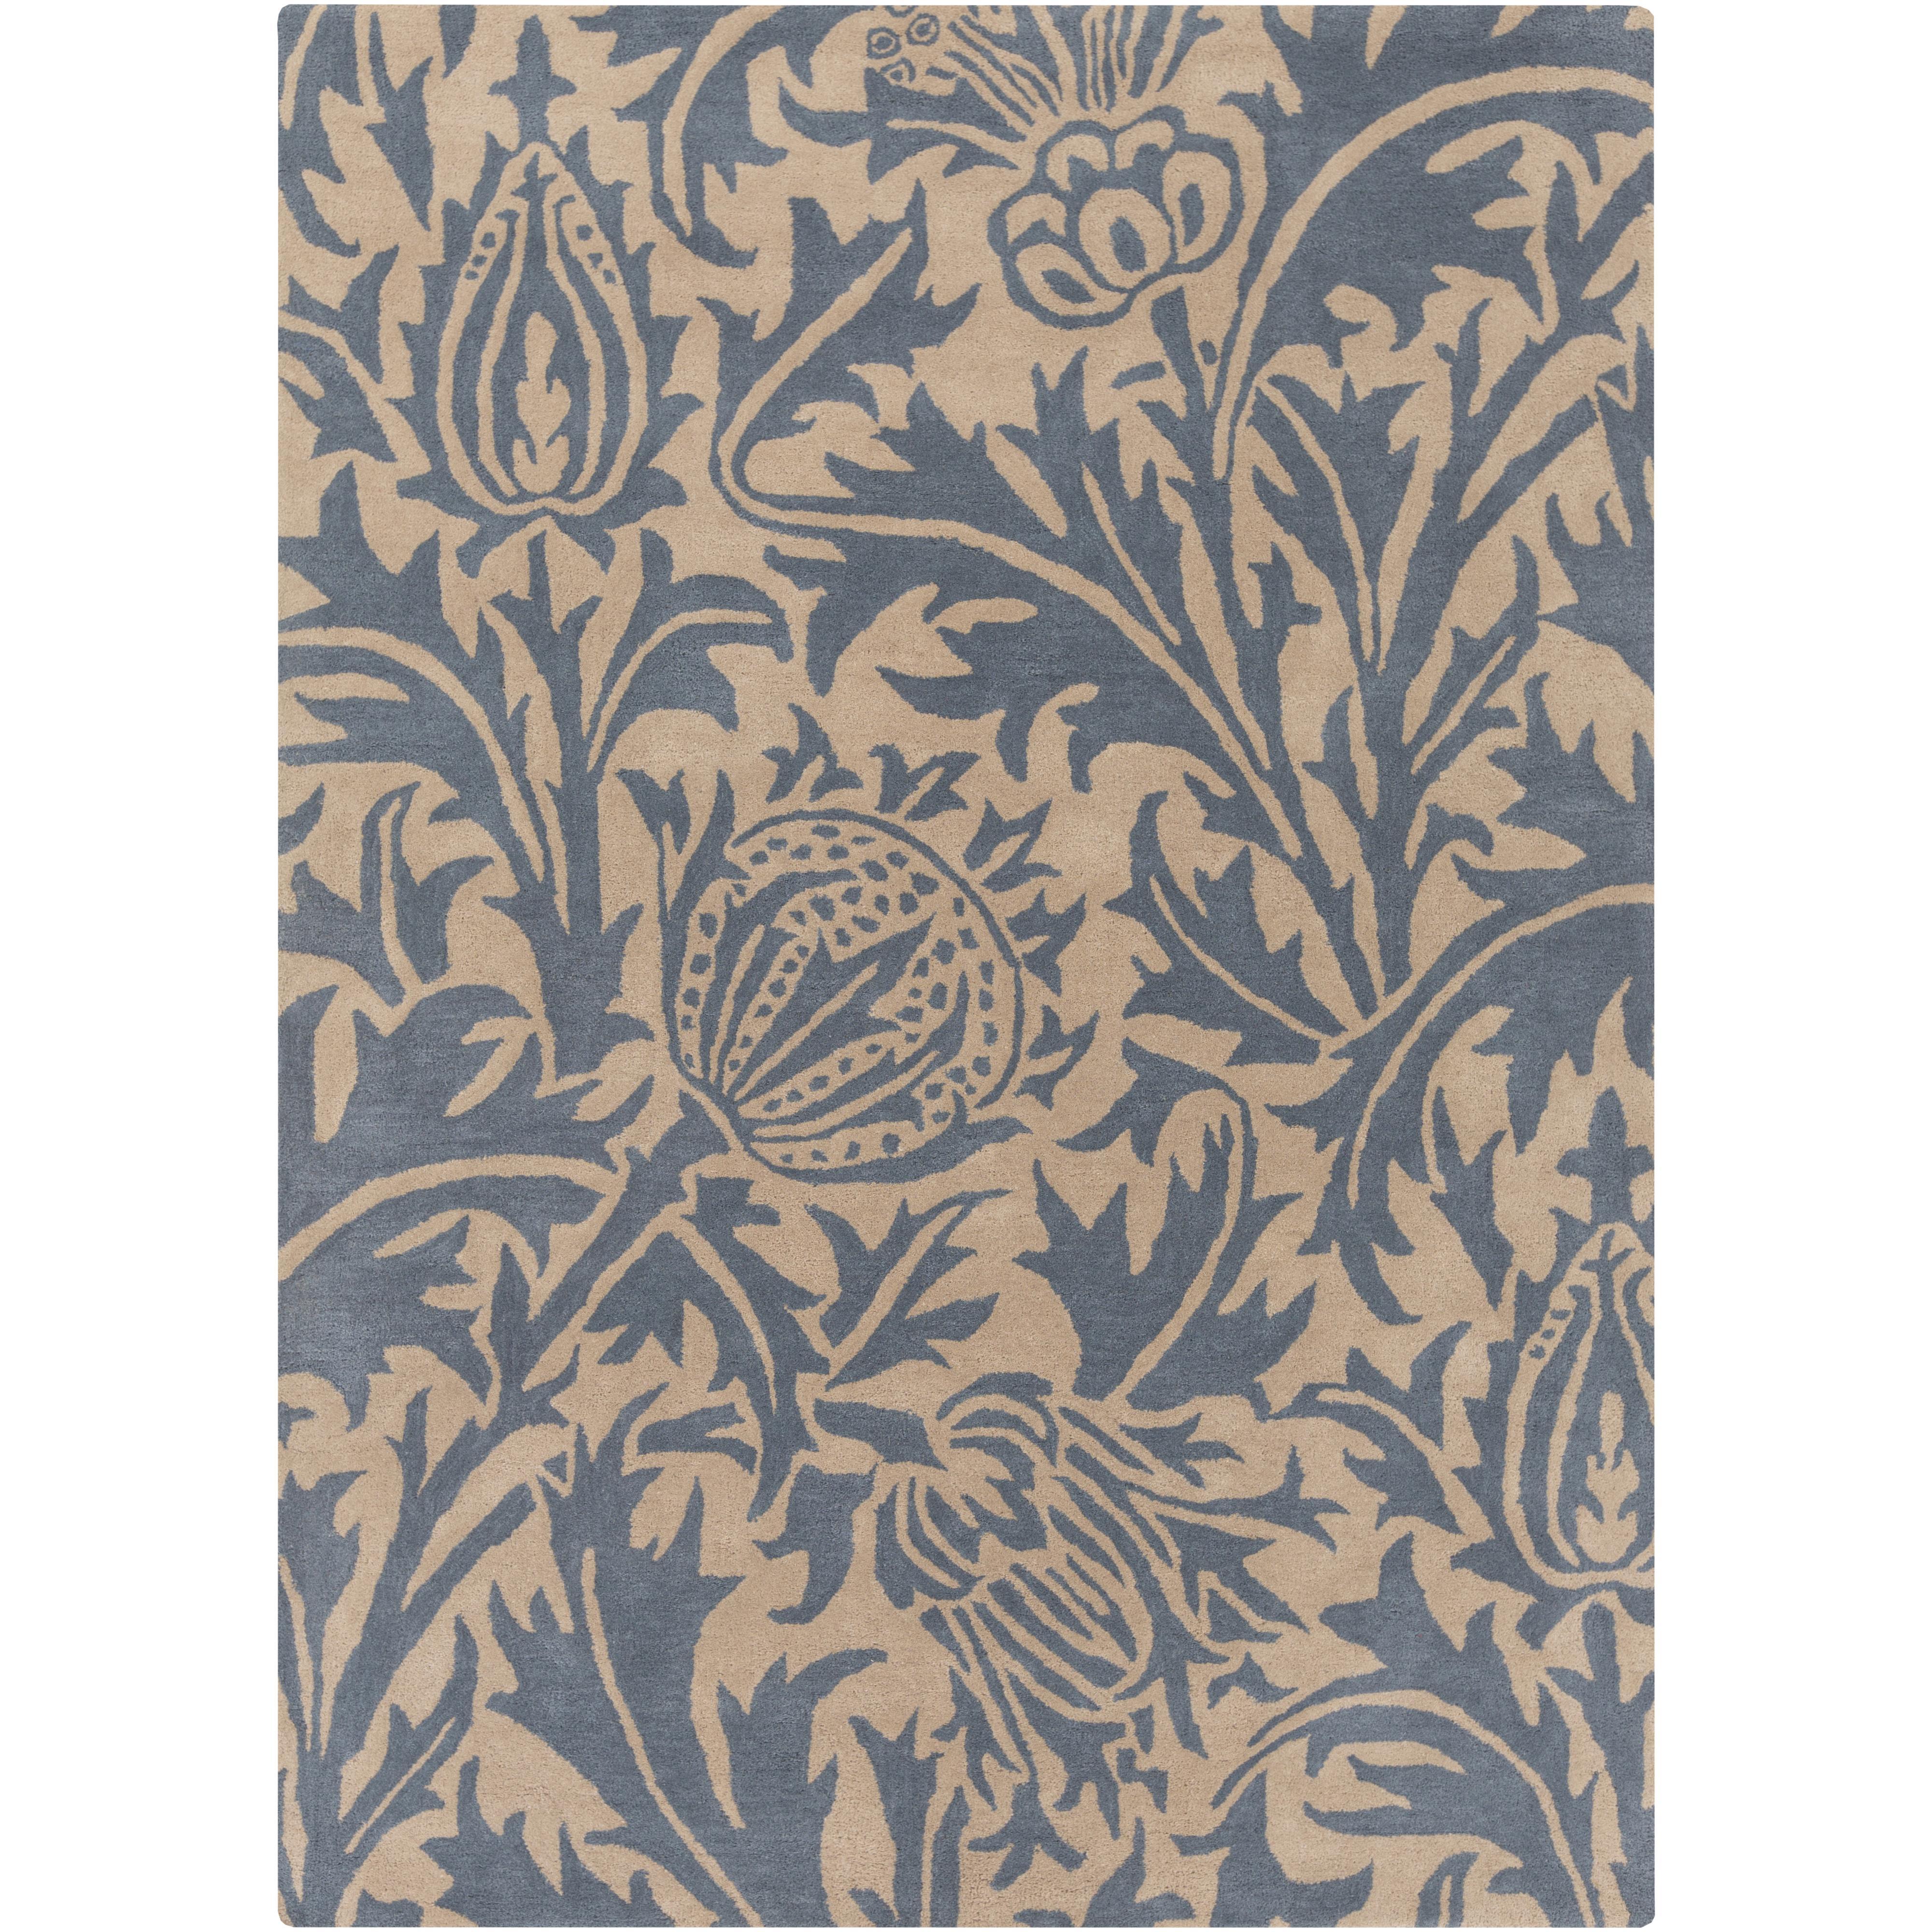 Surya Rugs William Morris 2' x 3' - Item Number: WLM3008-23